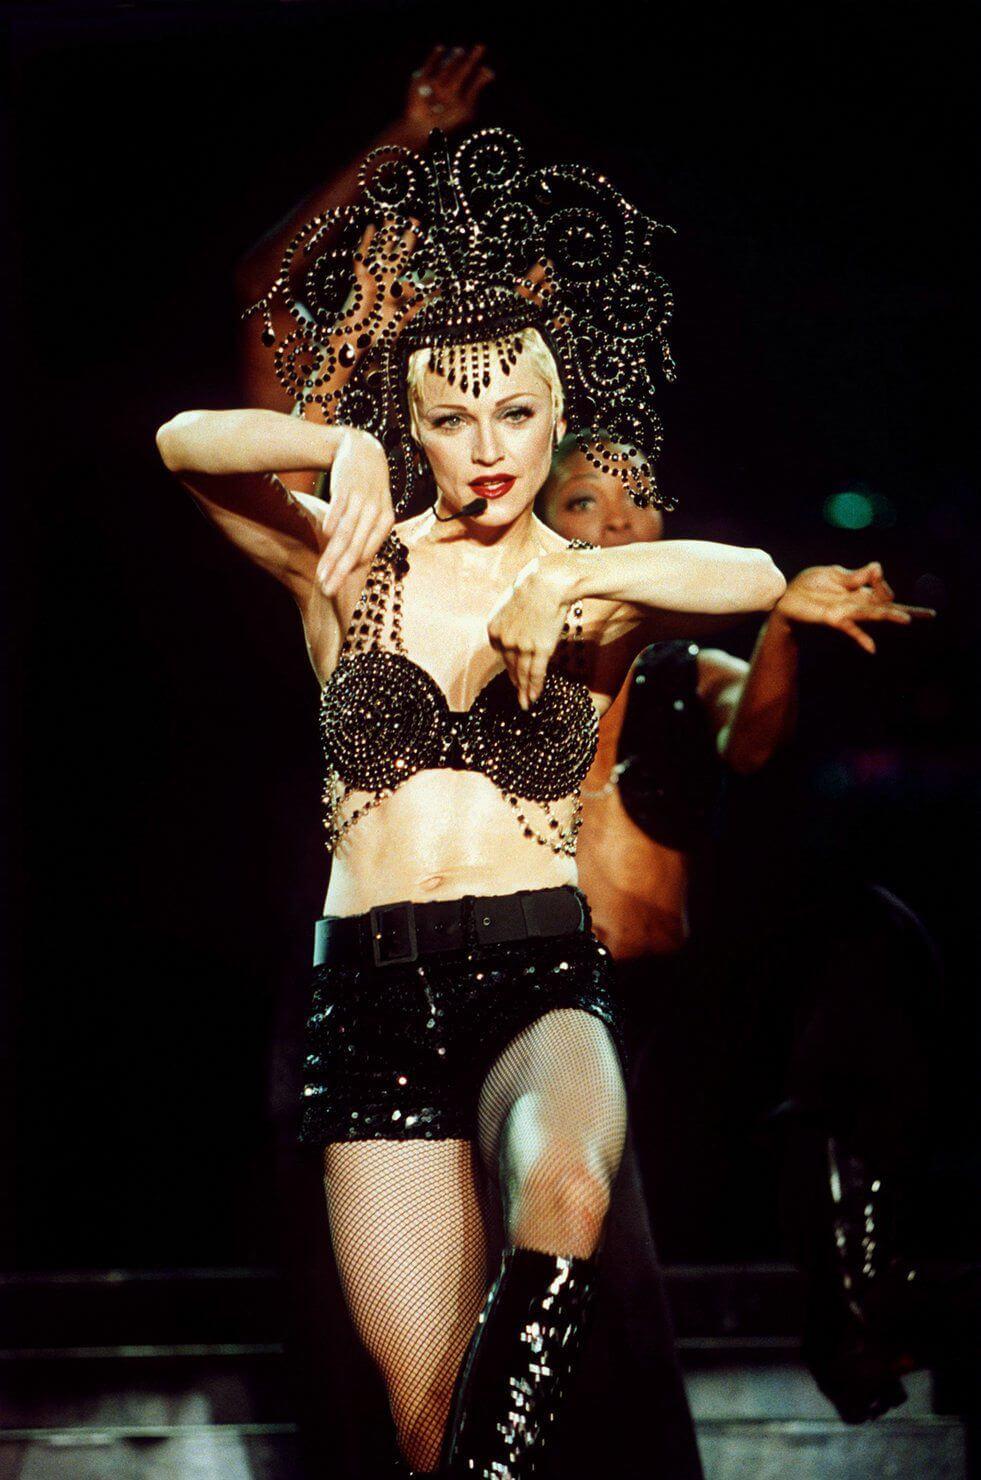 Madonna en el Girlie Show Tour del año 1993. Fotografía: Getty